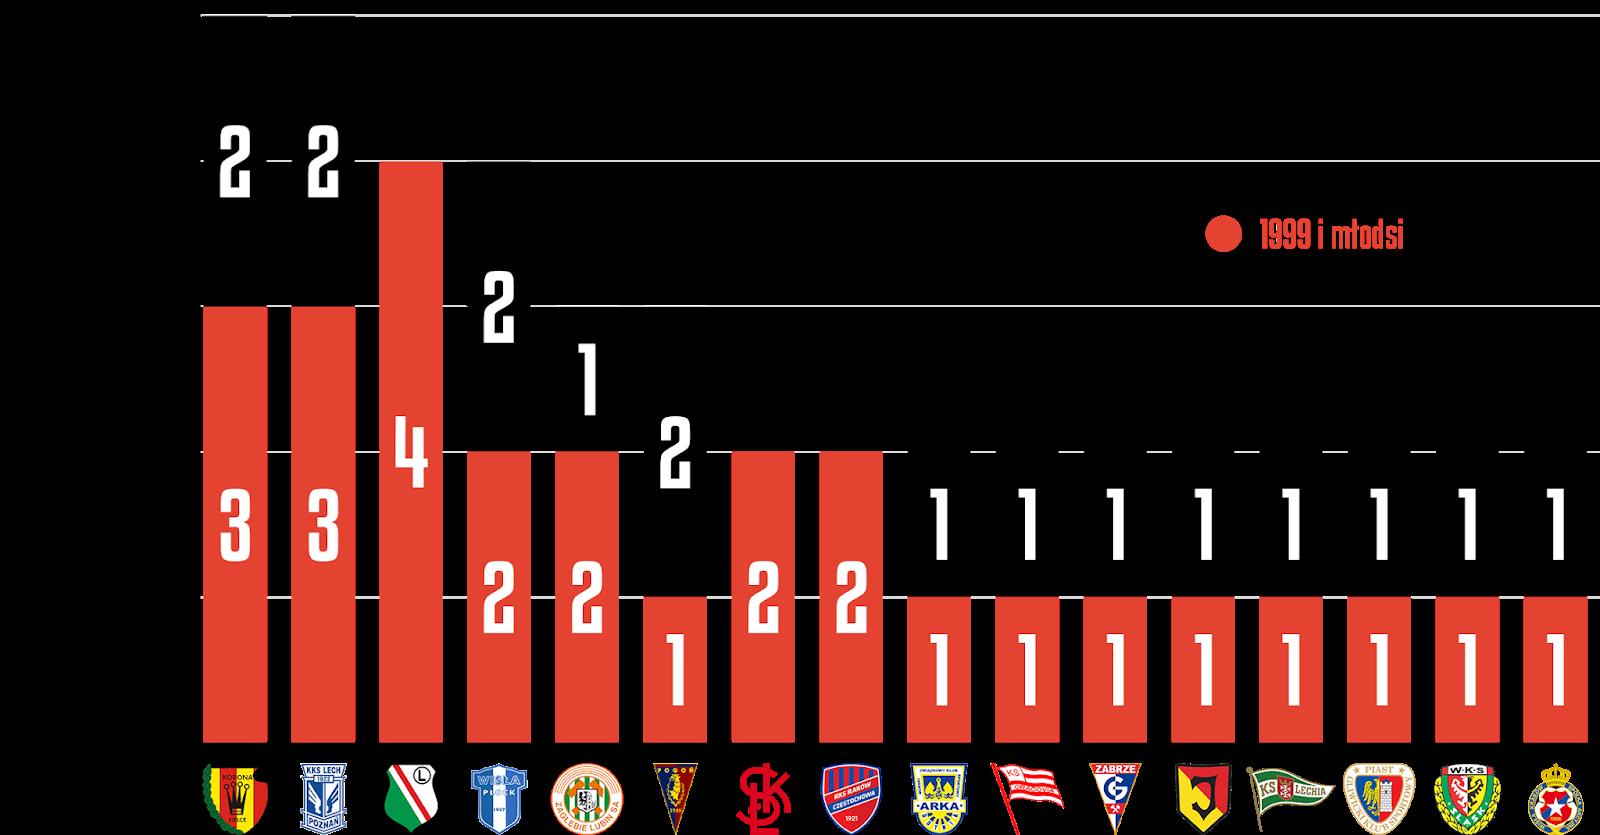 Młodzieżowcy w 32. kolejce PKO Ekstraklasy<br><br>Źródło: Opracowanie własne na podstawie ekstrastats.pl<br><br>graf. Bartosz Urban